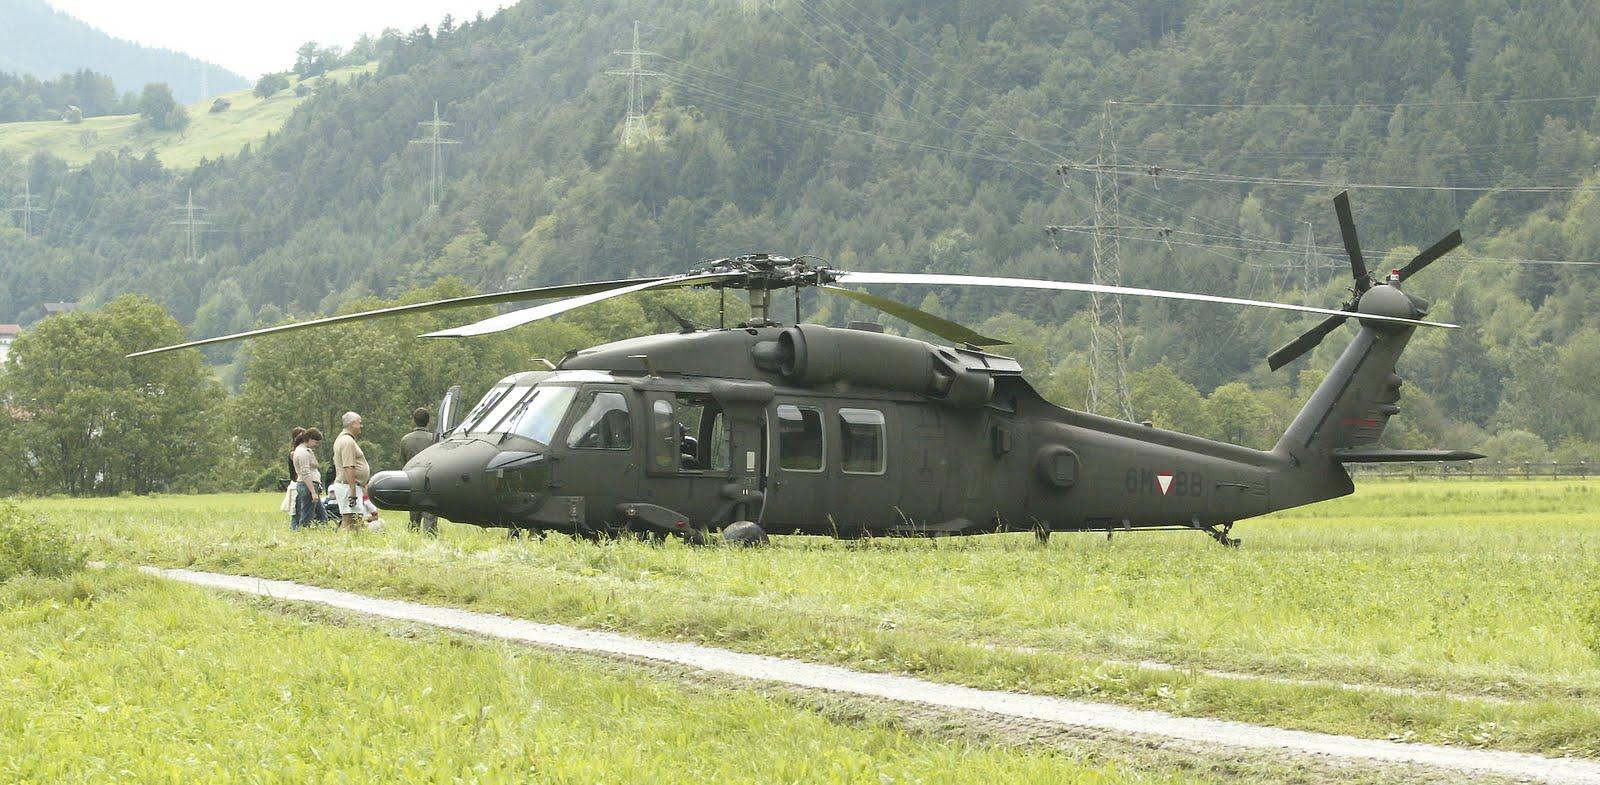 blackhawk helicopter - photo #29